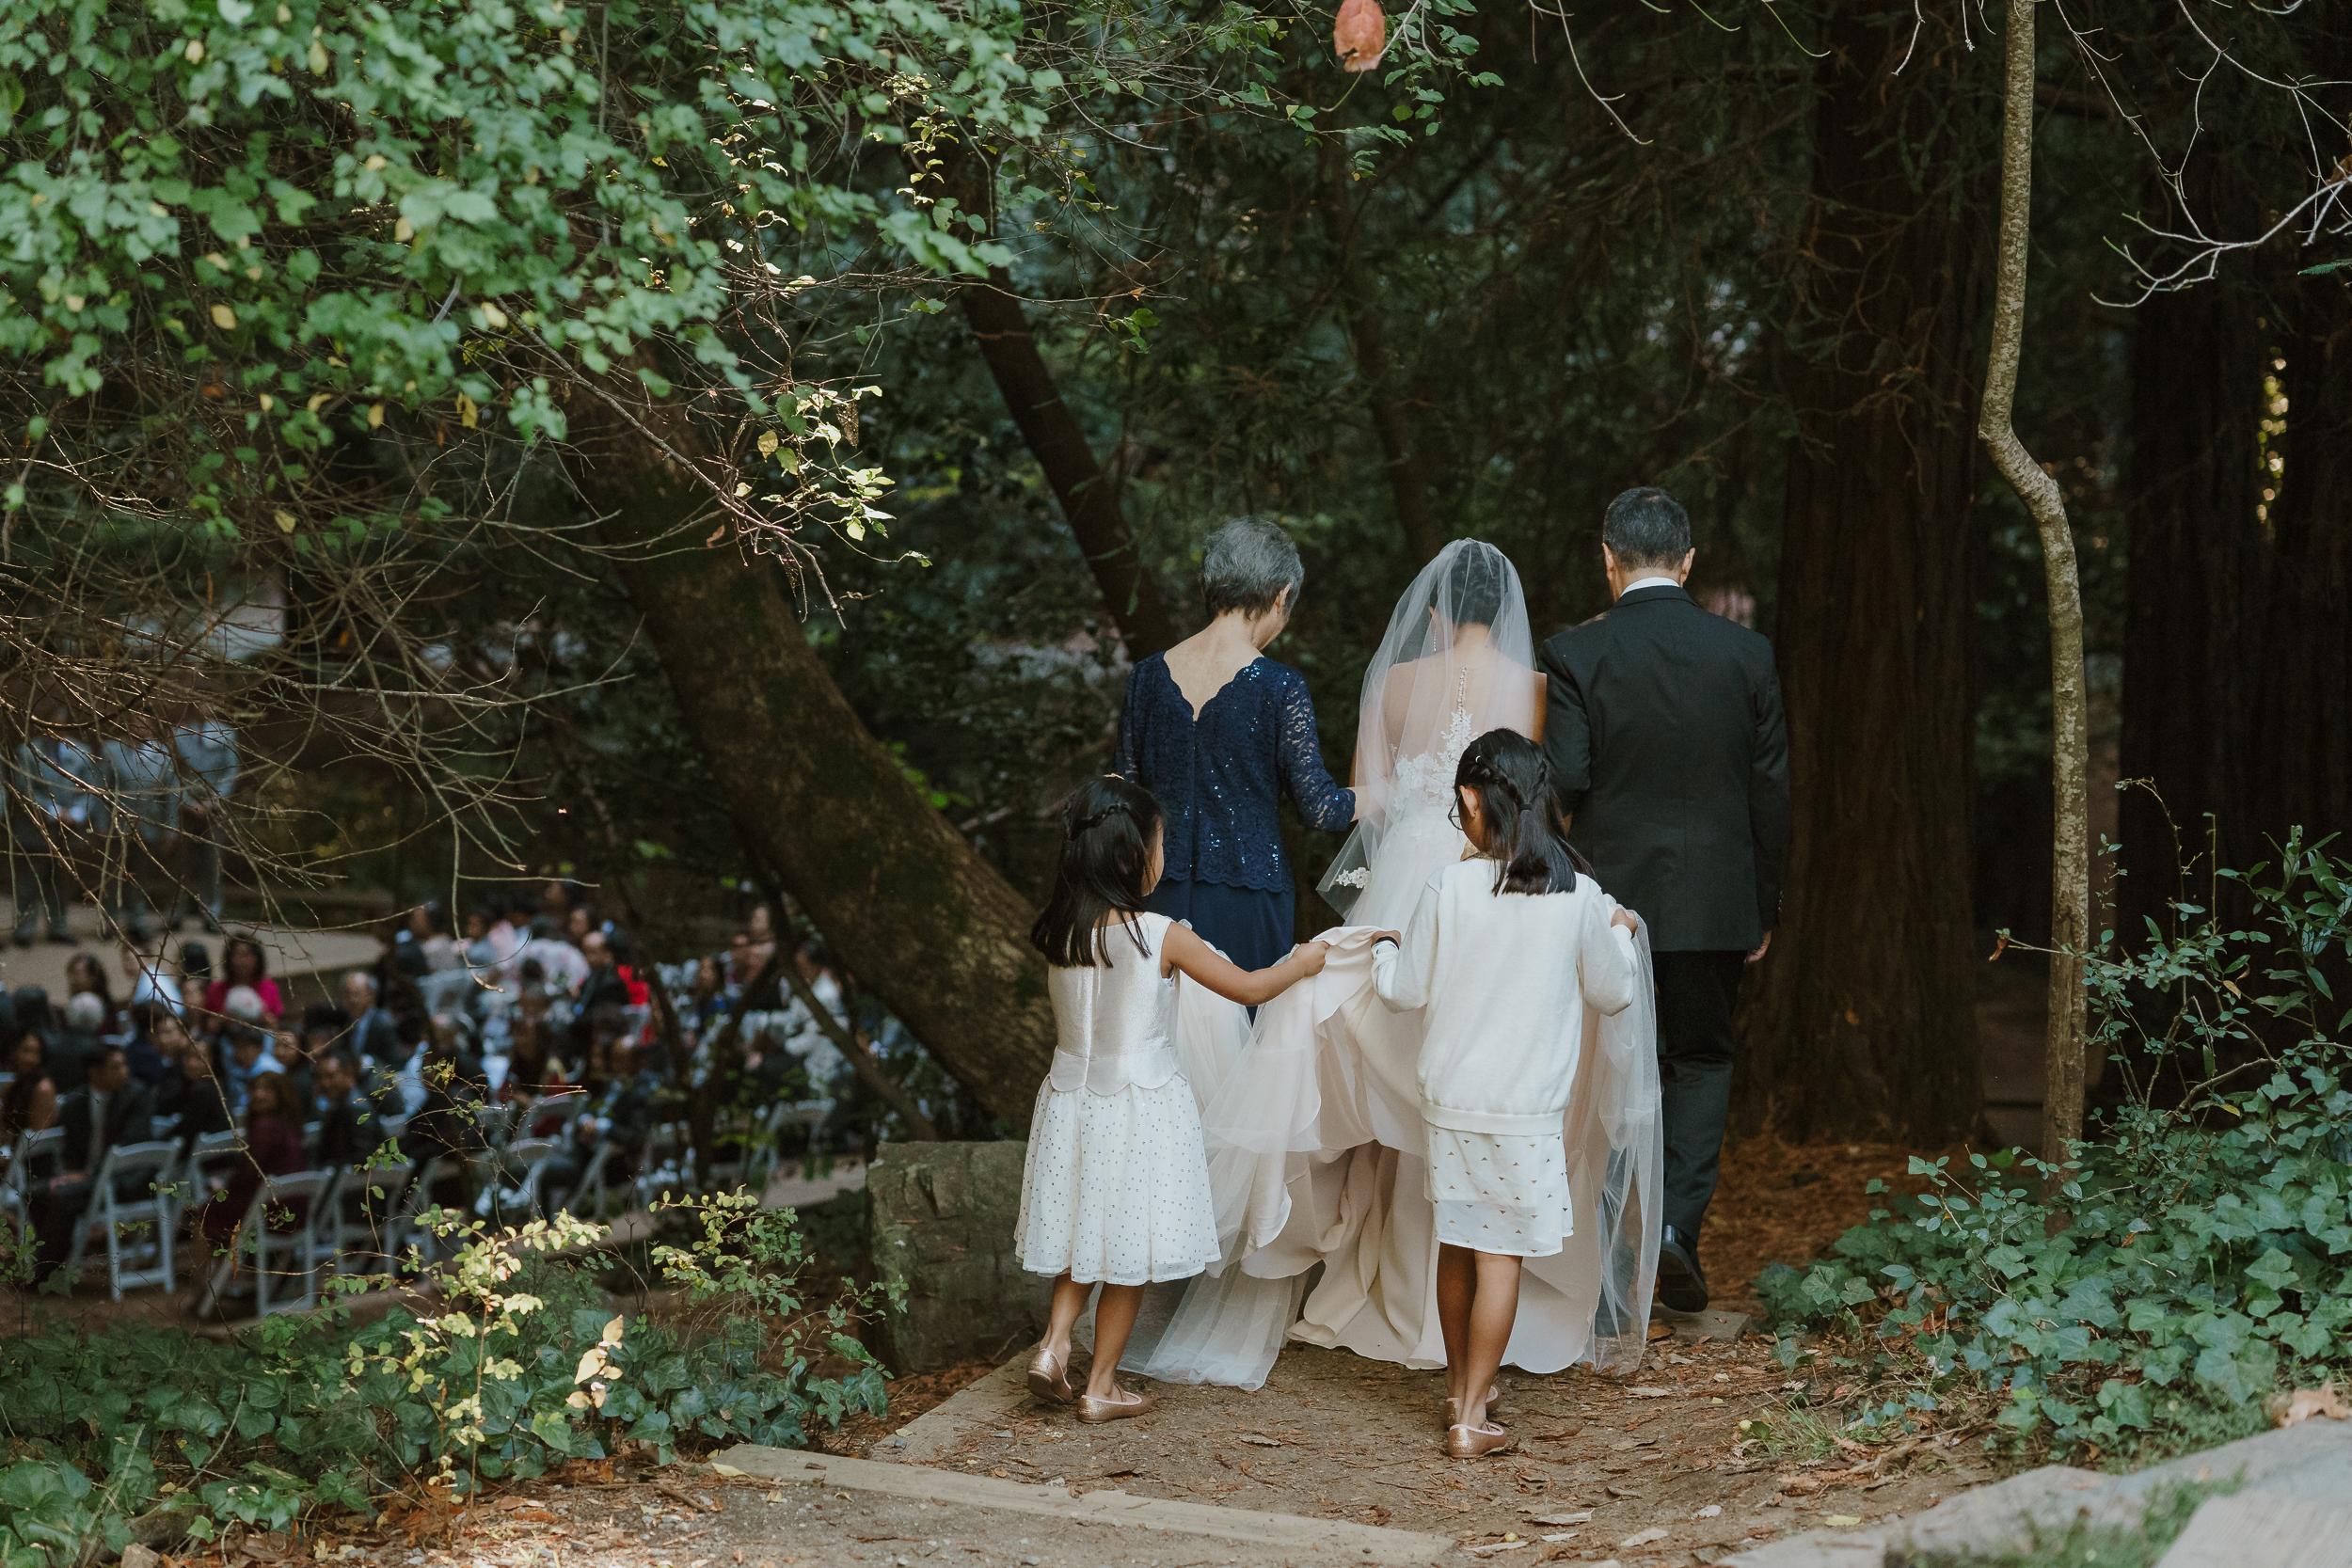 31-old-mill-park-mill-valley-community-center-wedding-vivianchen-300.jpg